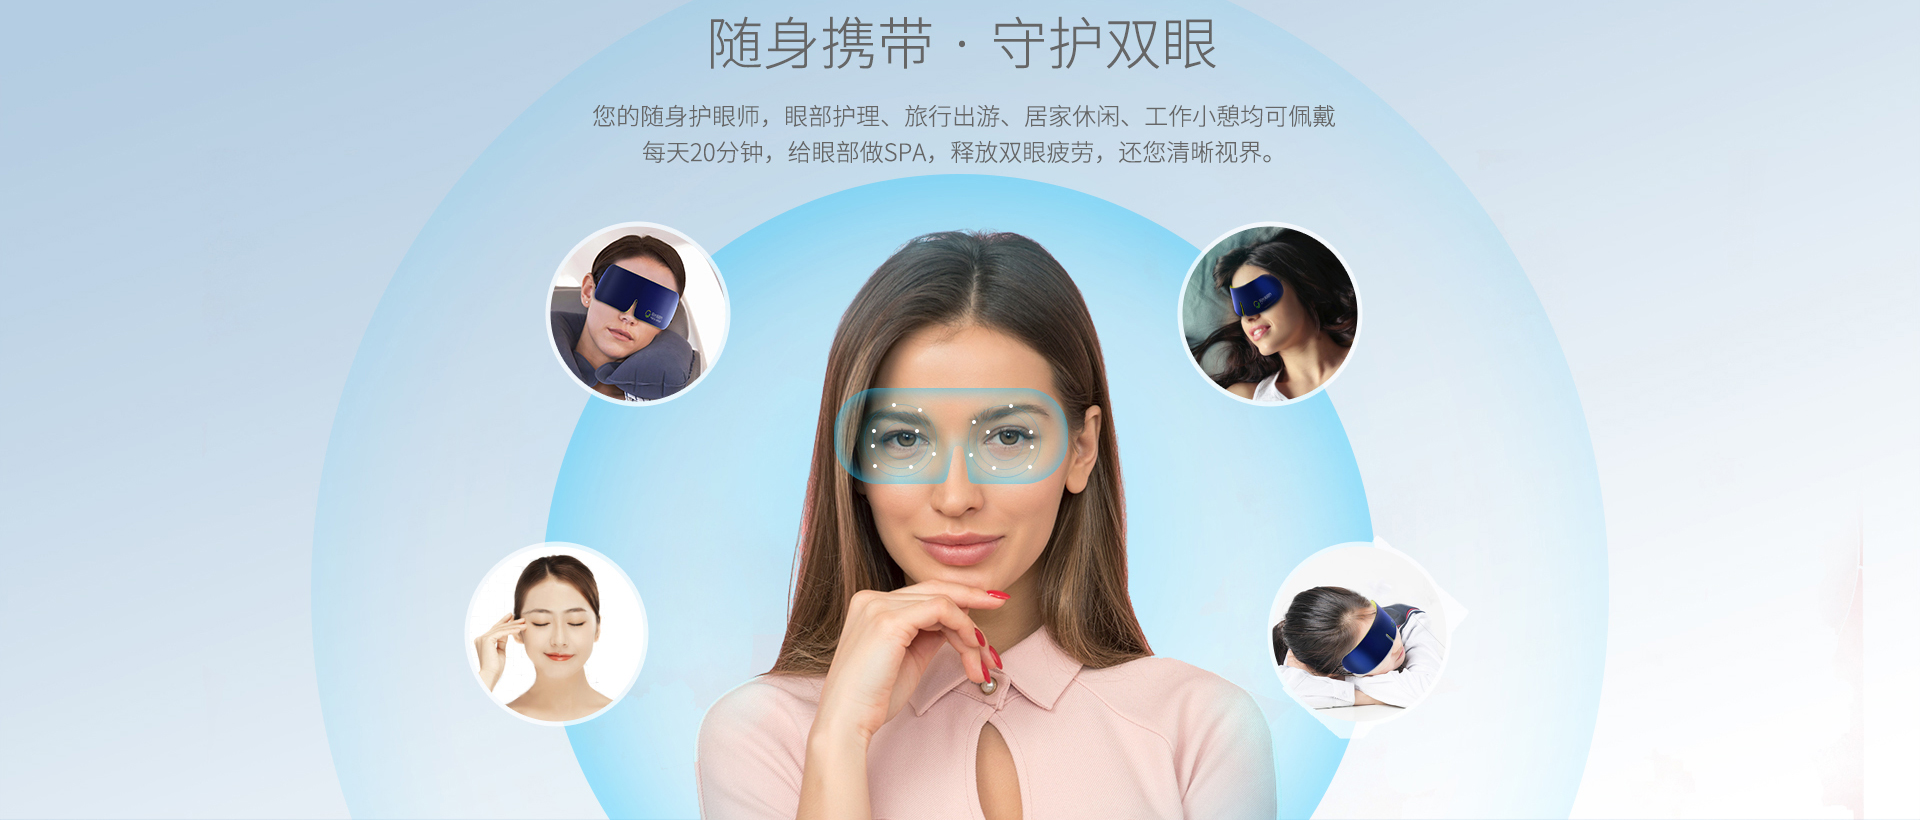 一个关于阳光新视界护眼眼罩的故事